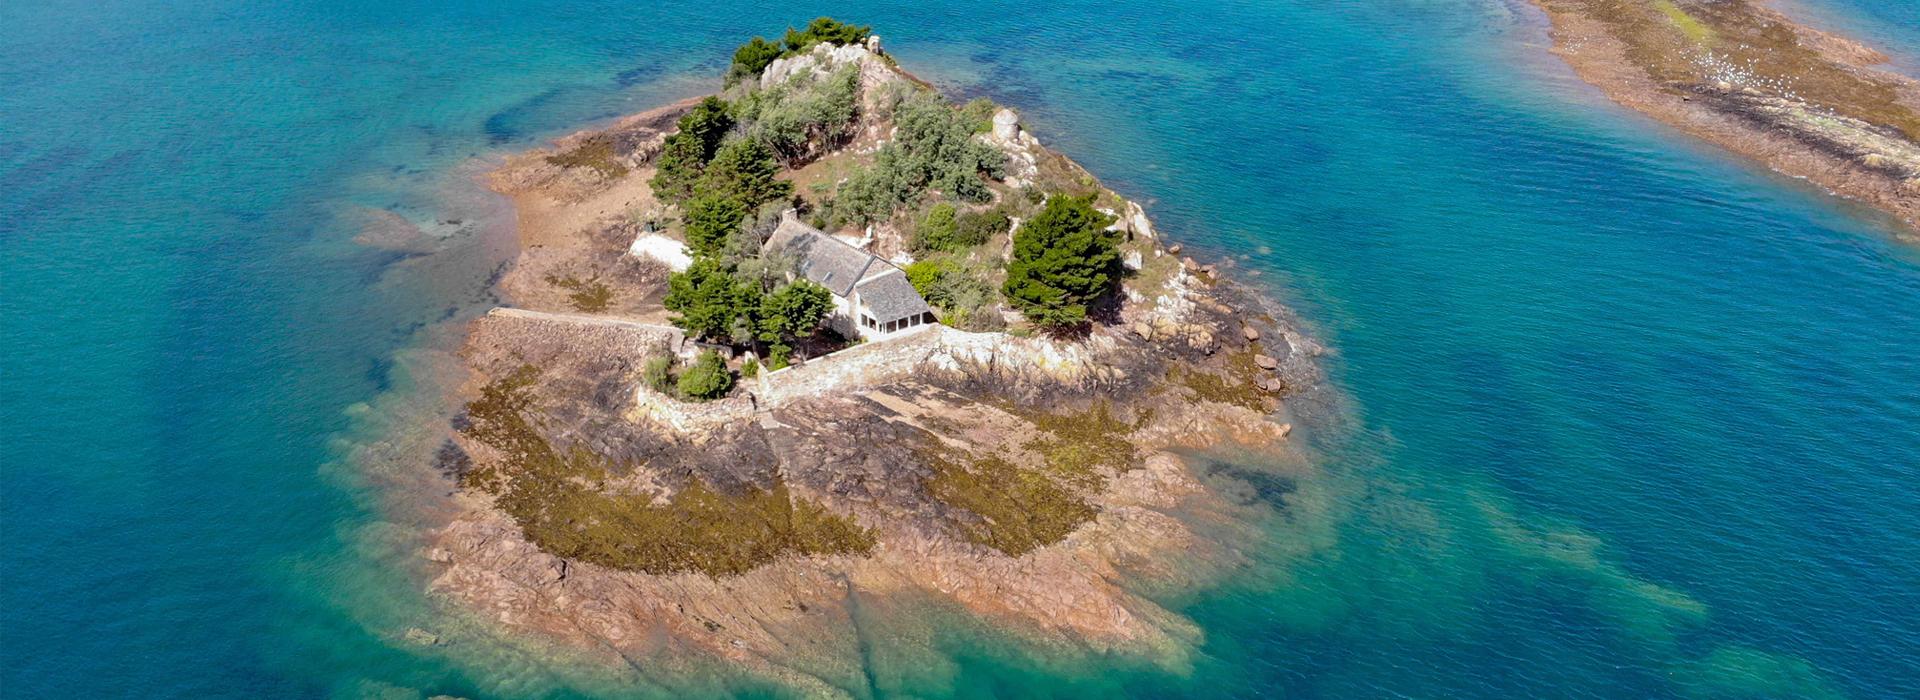 Eladó egy francia sziget